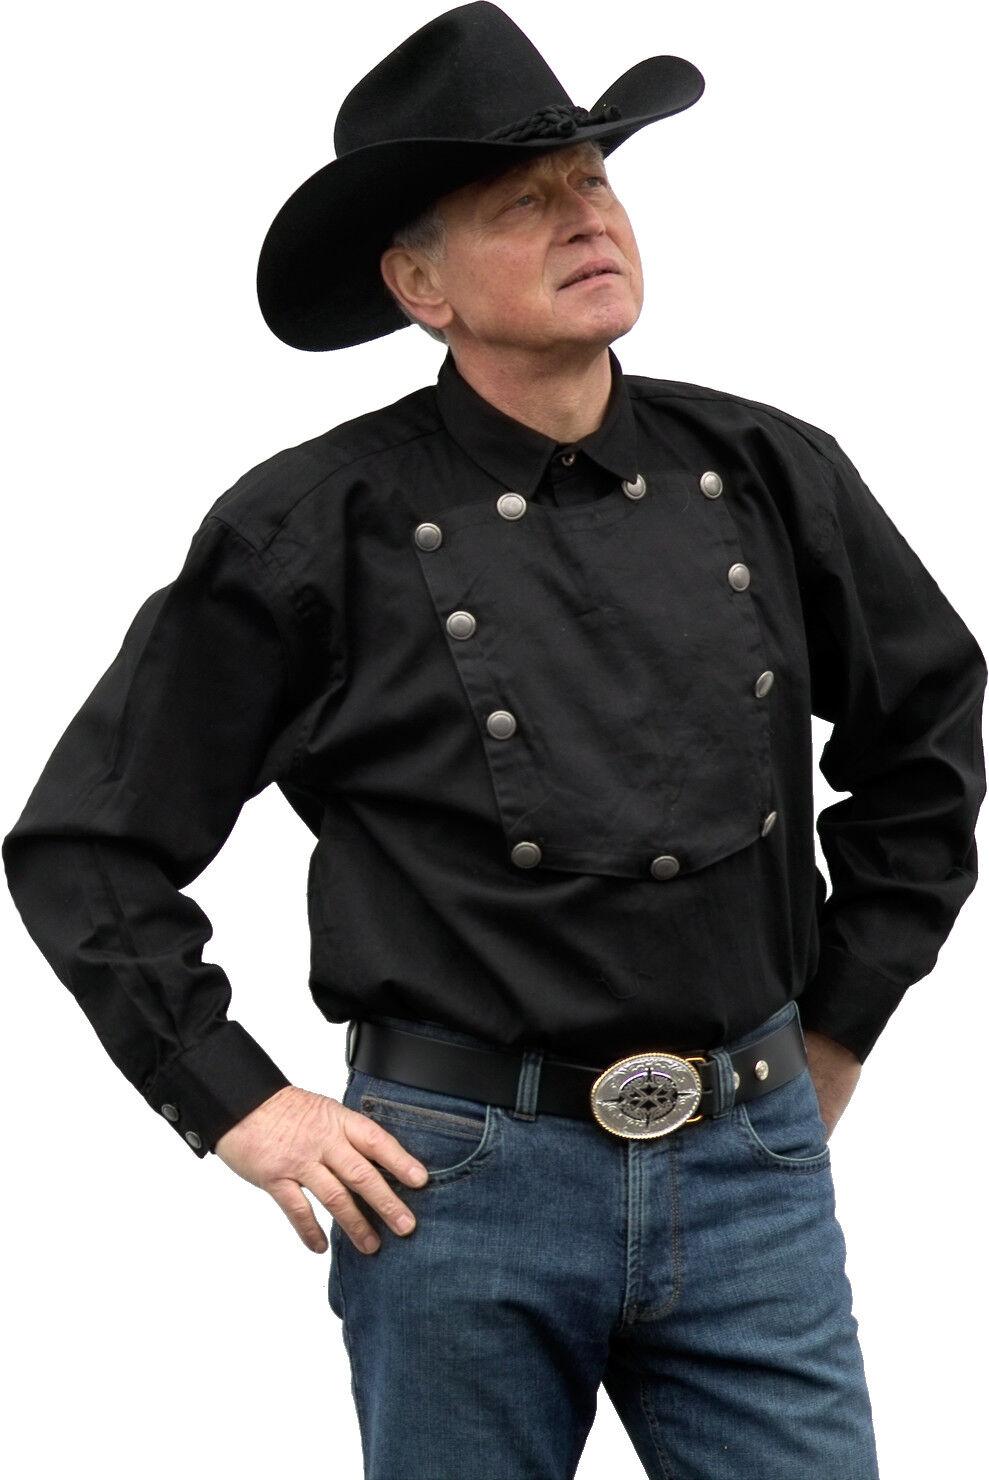 Westernhemd John Wayne rot oder oder oder schwarz Shirt für Western Reitsport Cowboy Party 1f0722